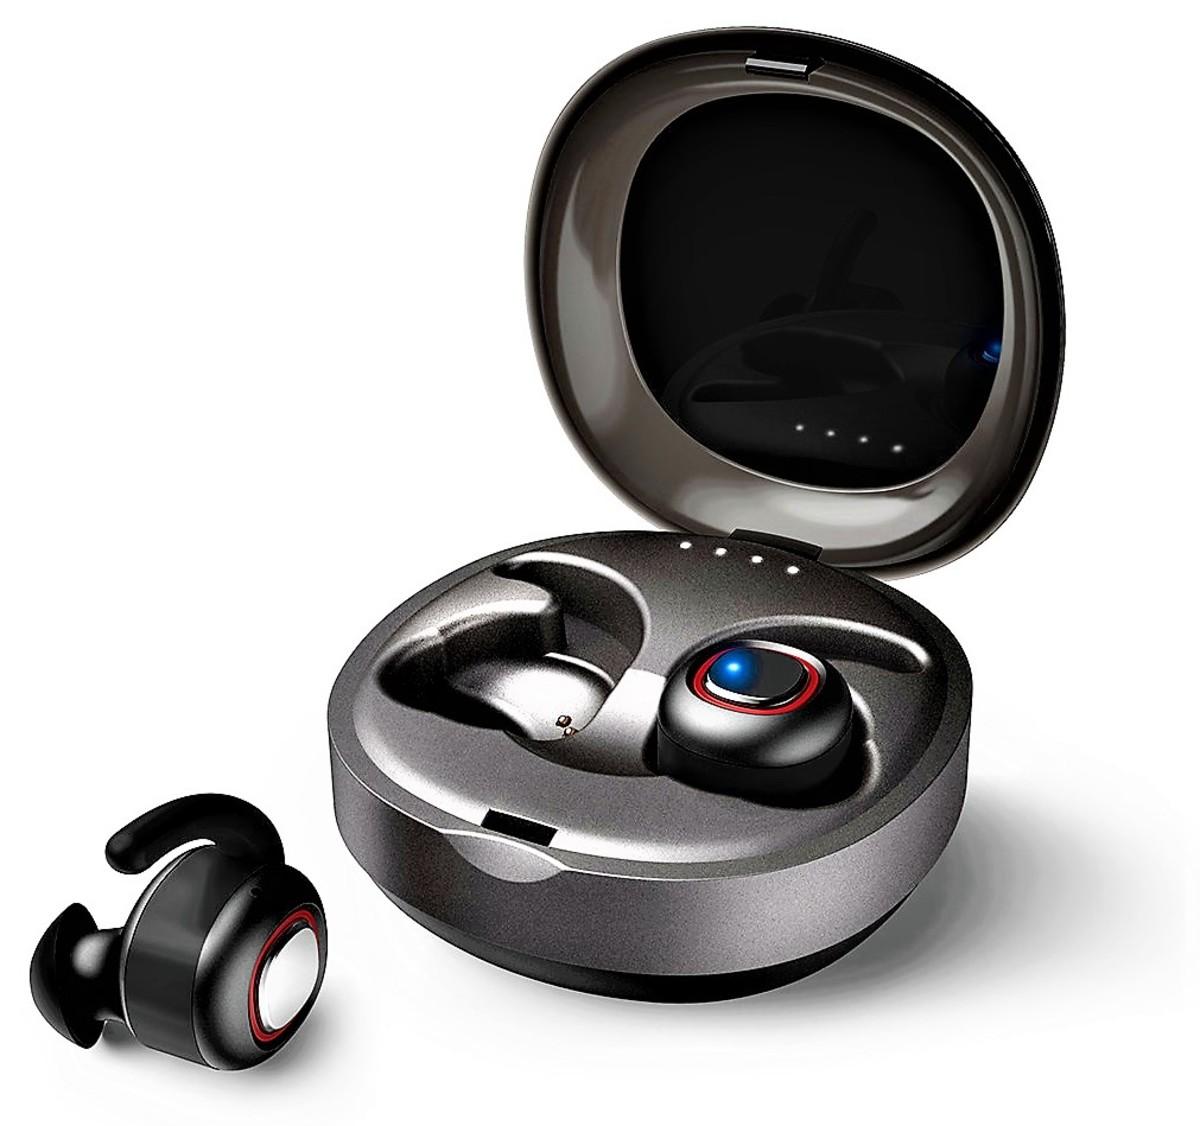 Dodocool True Wireless Stereo Earbuds